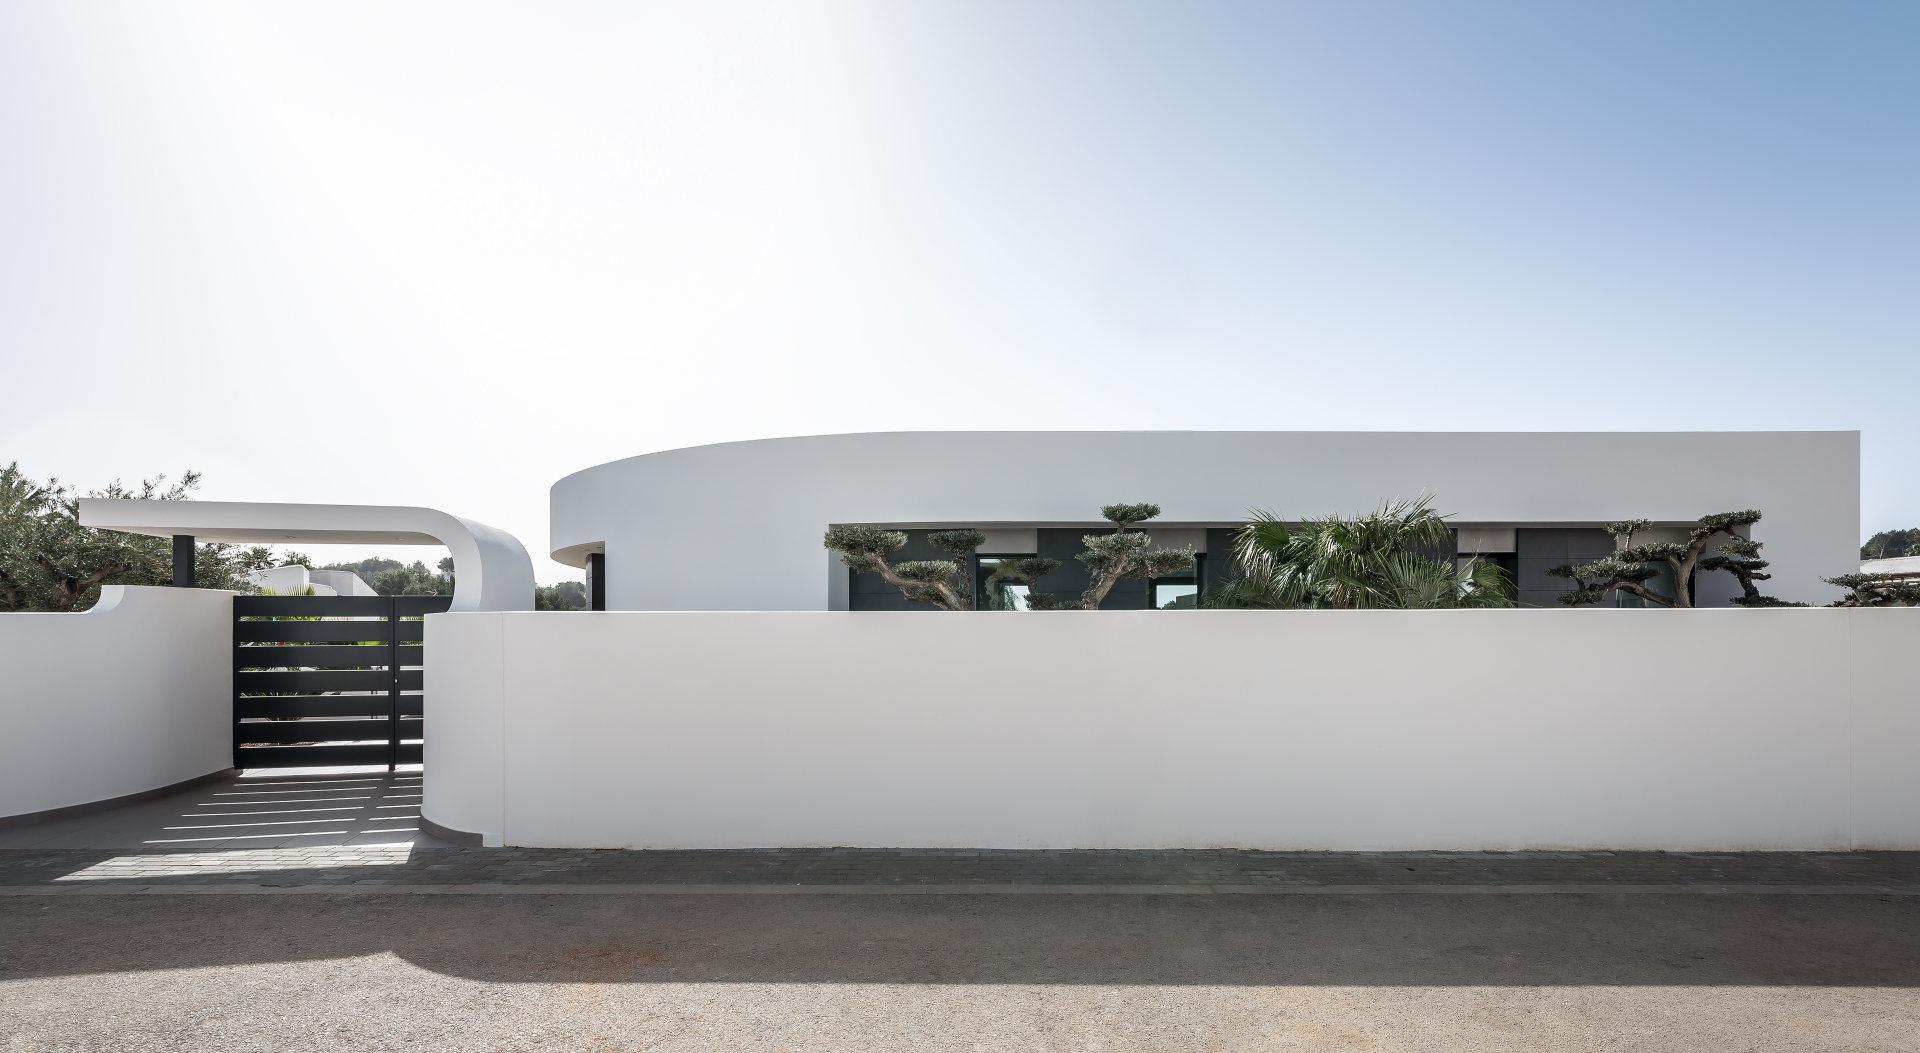 fotografia-arquitectura-valencia-alicante-moraira-german-cabo-pascual-giner (2)